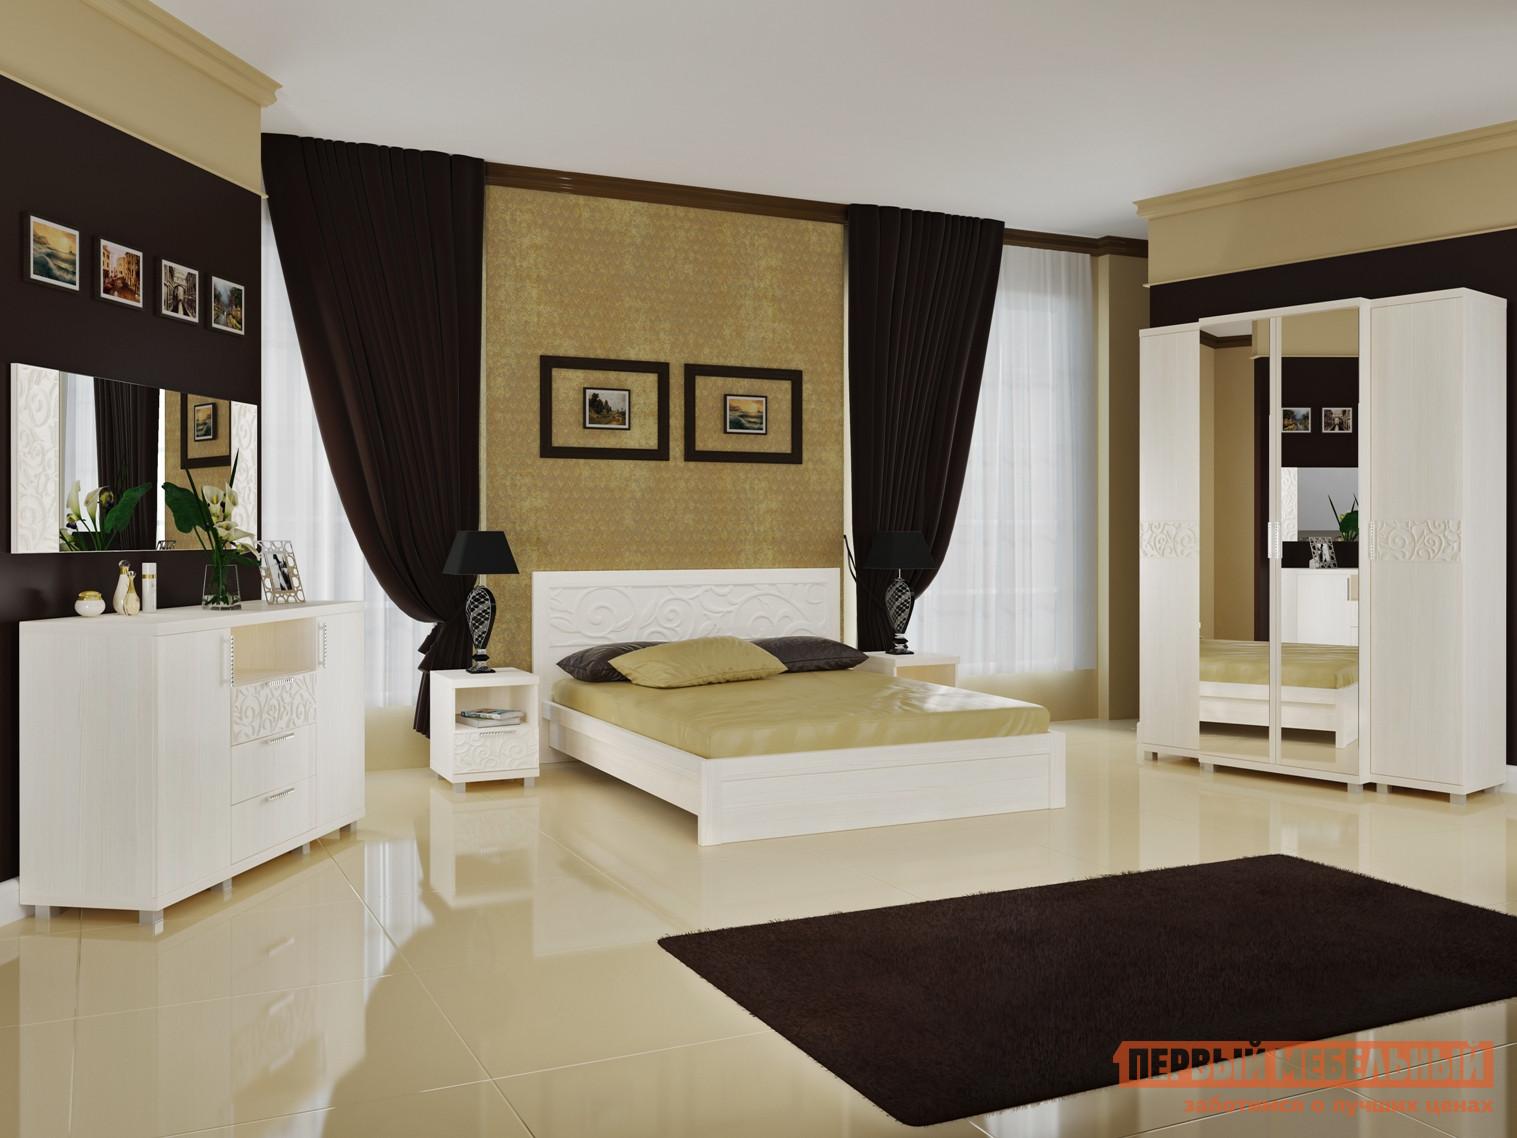 Комплект мебели для спальни ТД Арника Ирис К4 для спальни